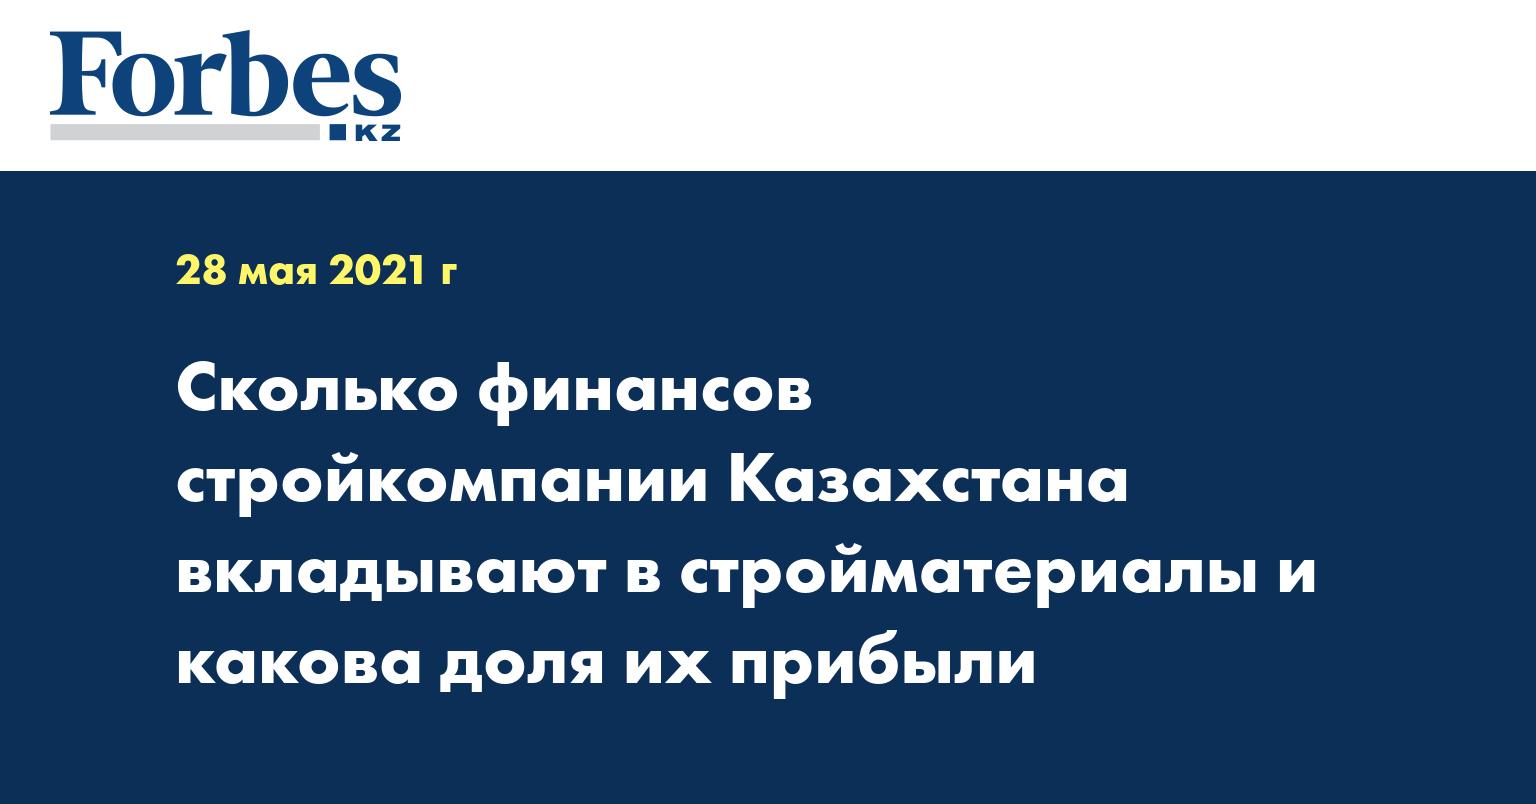 Сколько финансов стройкомпании Казахстана вкладывают в стройматериалы и какова доля их прибыли